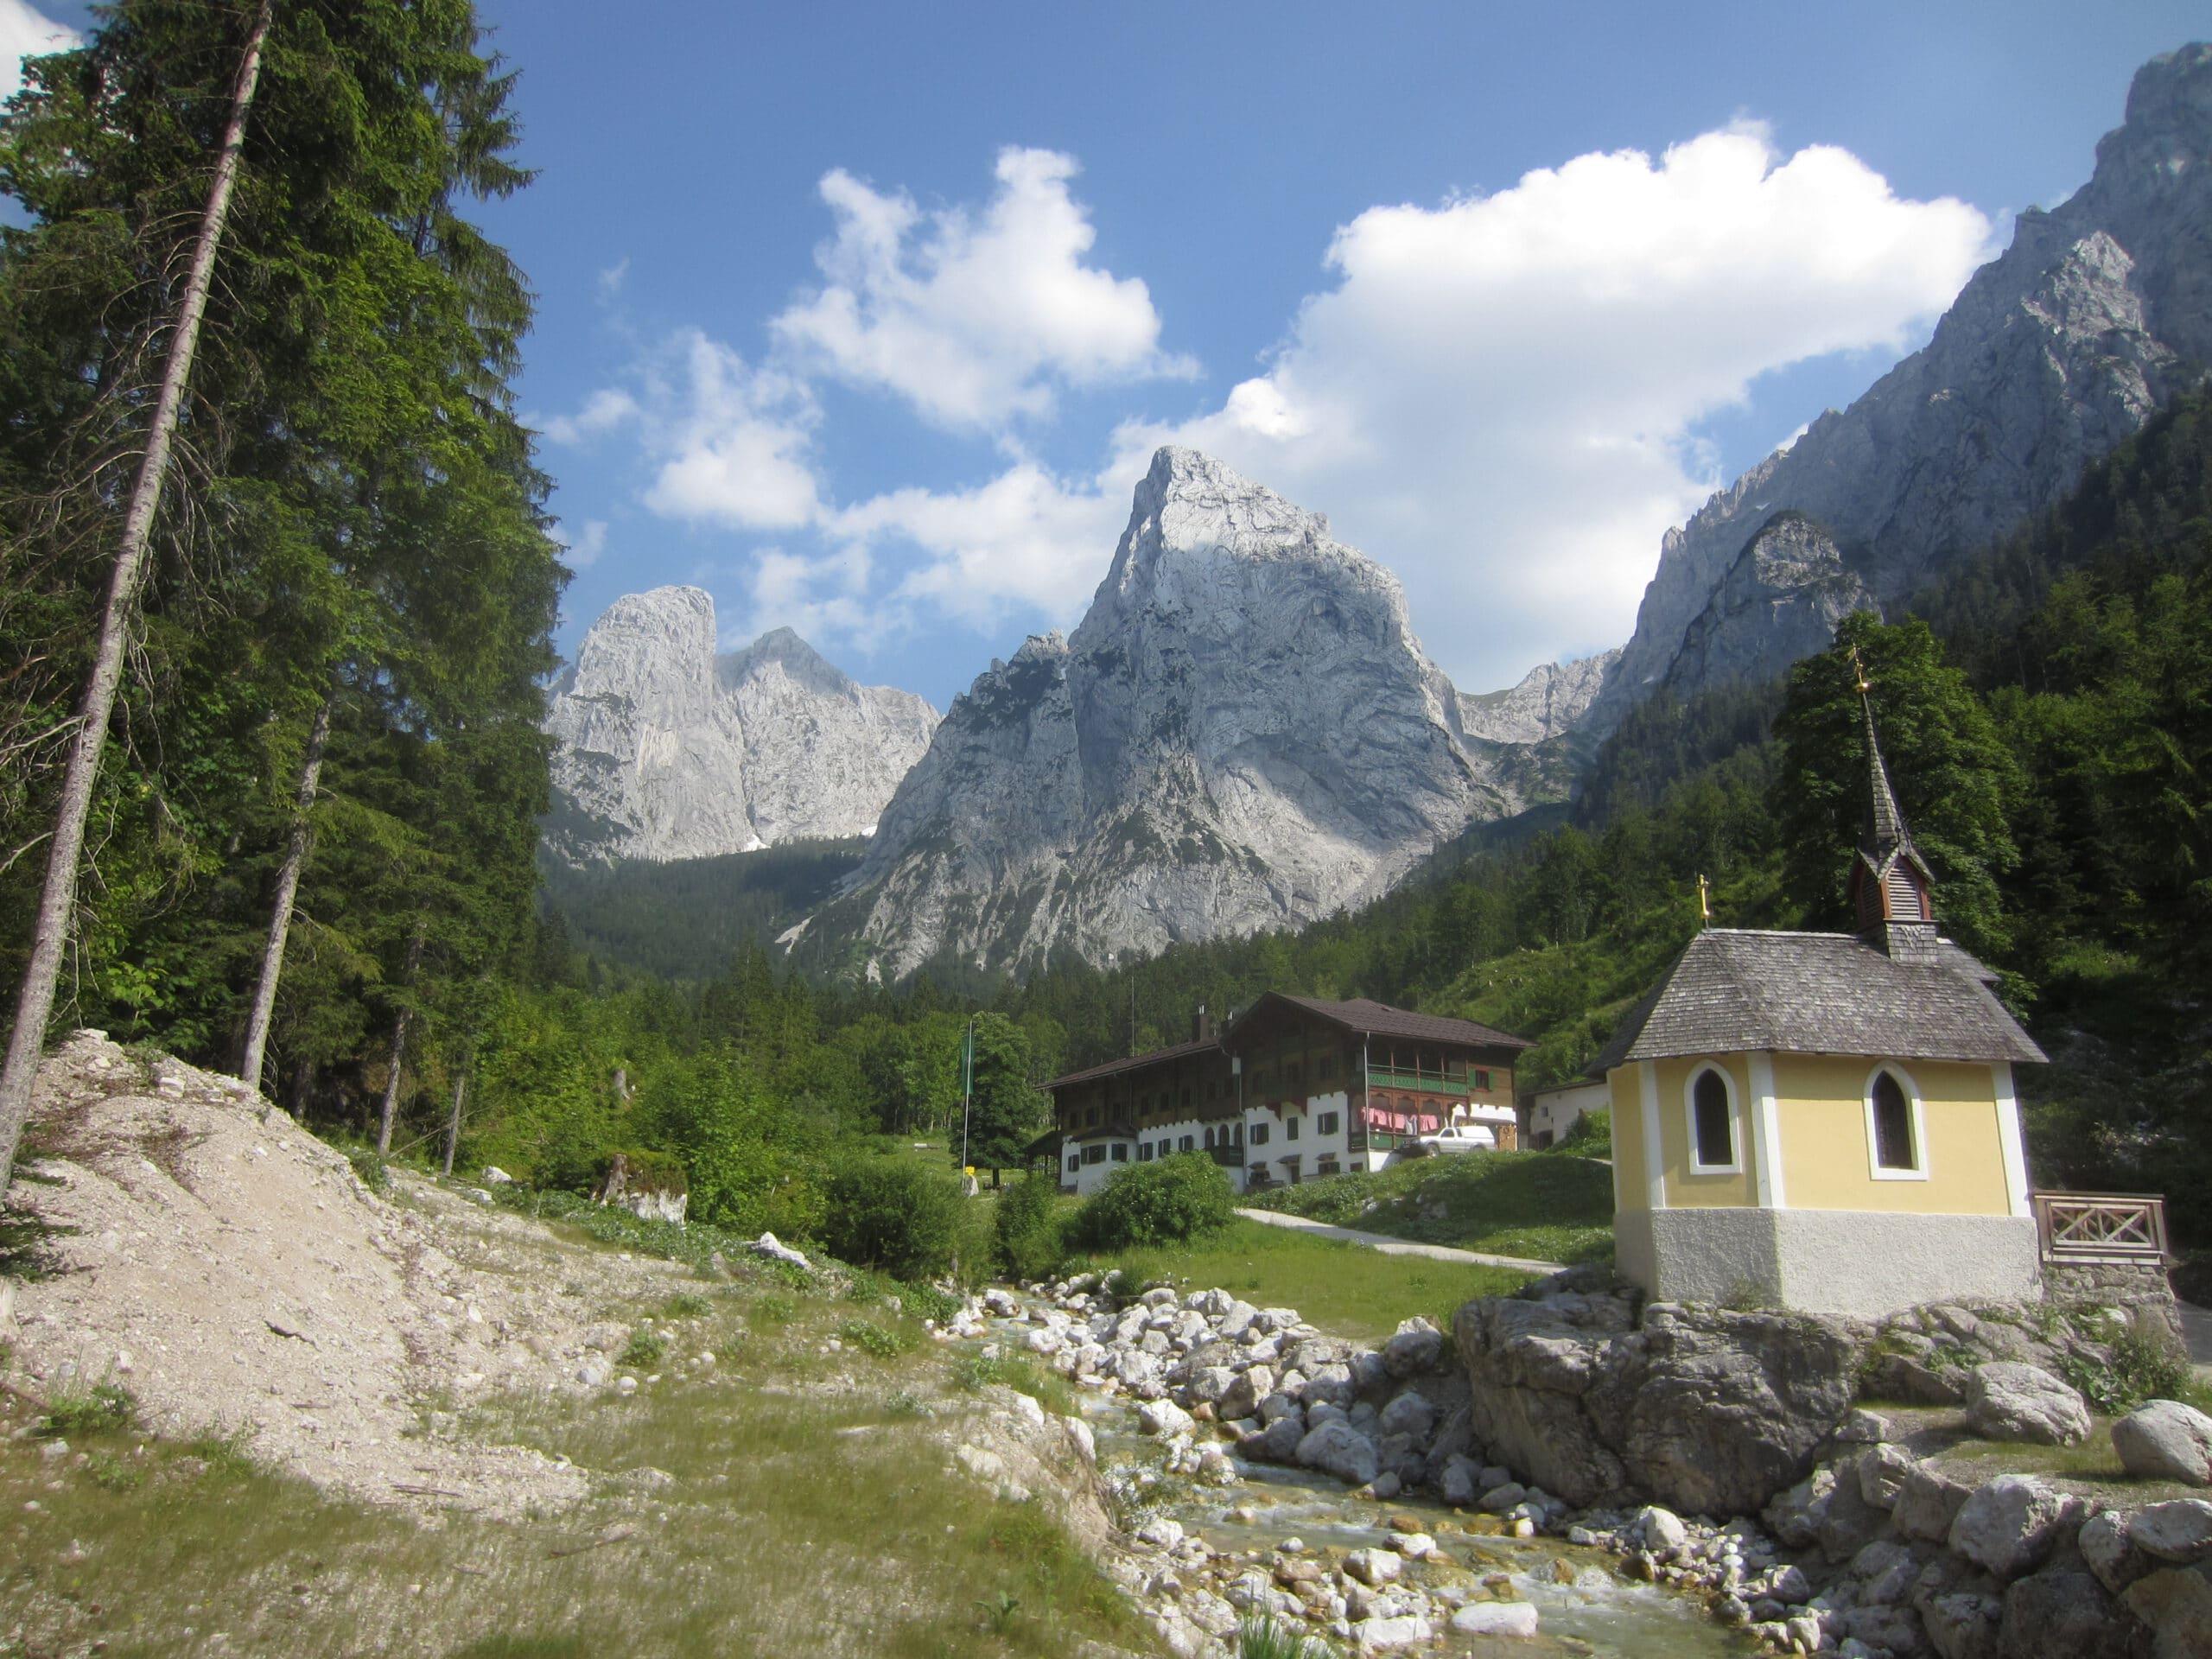 Sensationelle Aussichten gibt es beim Wandern vom Anton-Karg-Haus aus in Hinterbärenbad!